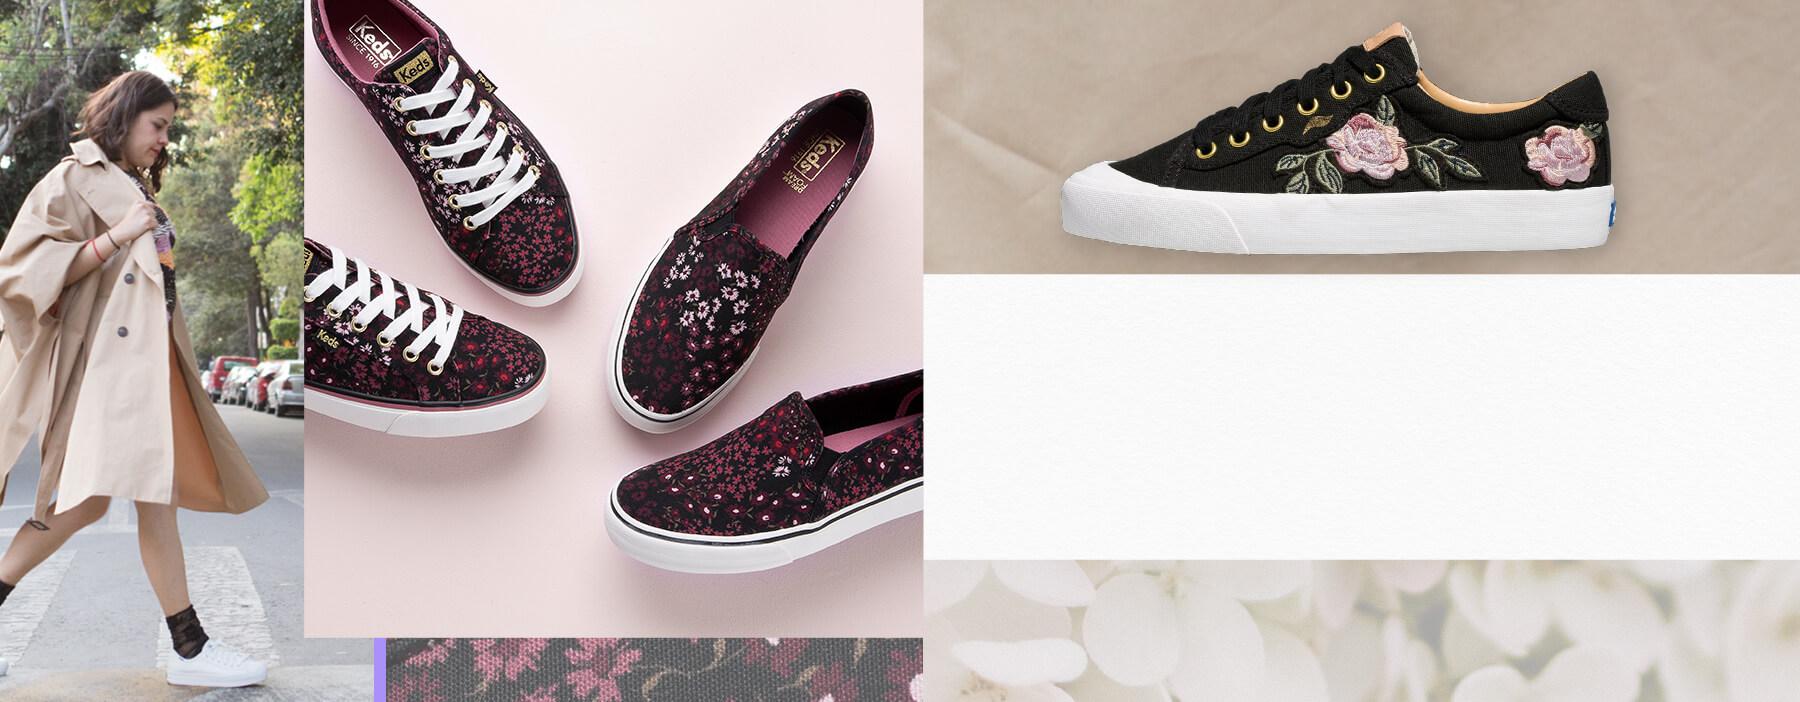 Keds floral print shoes.